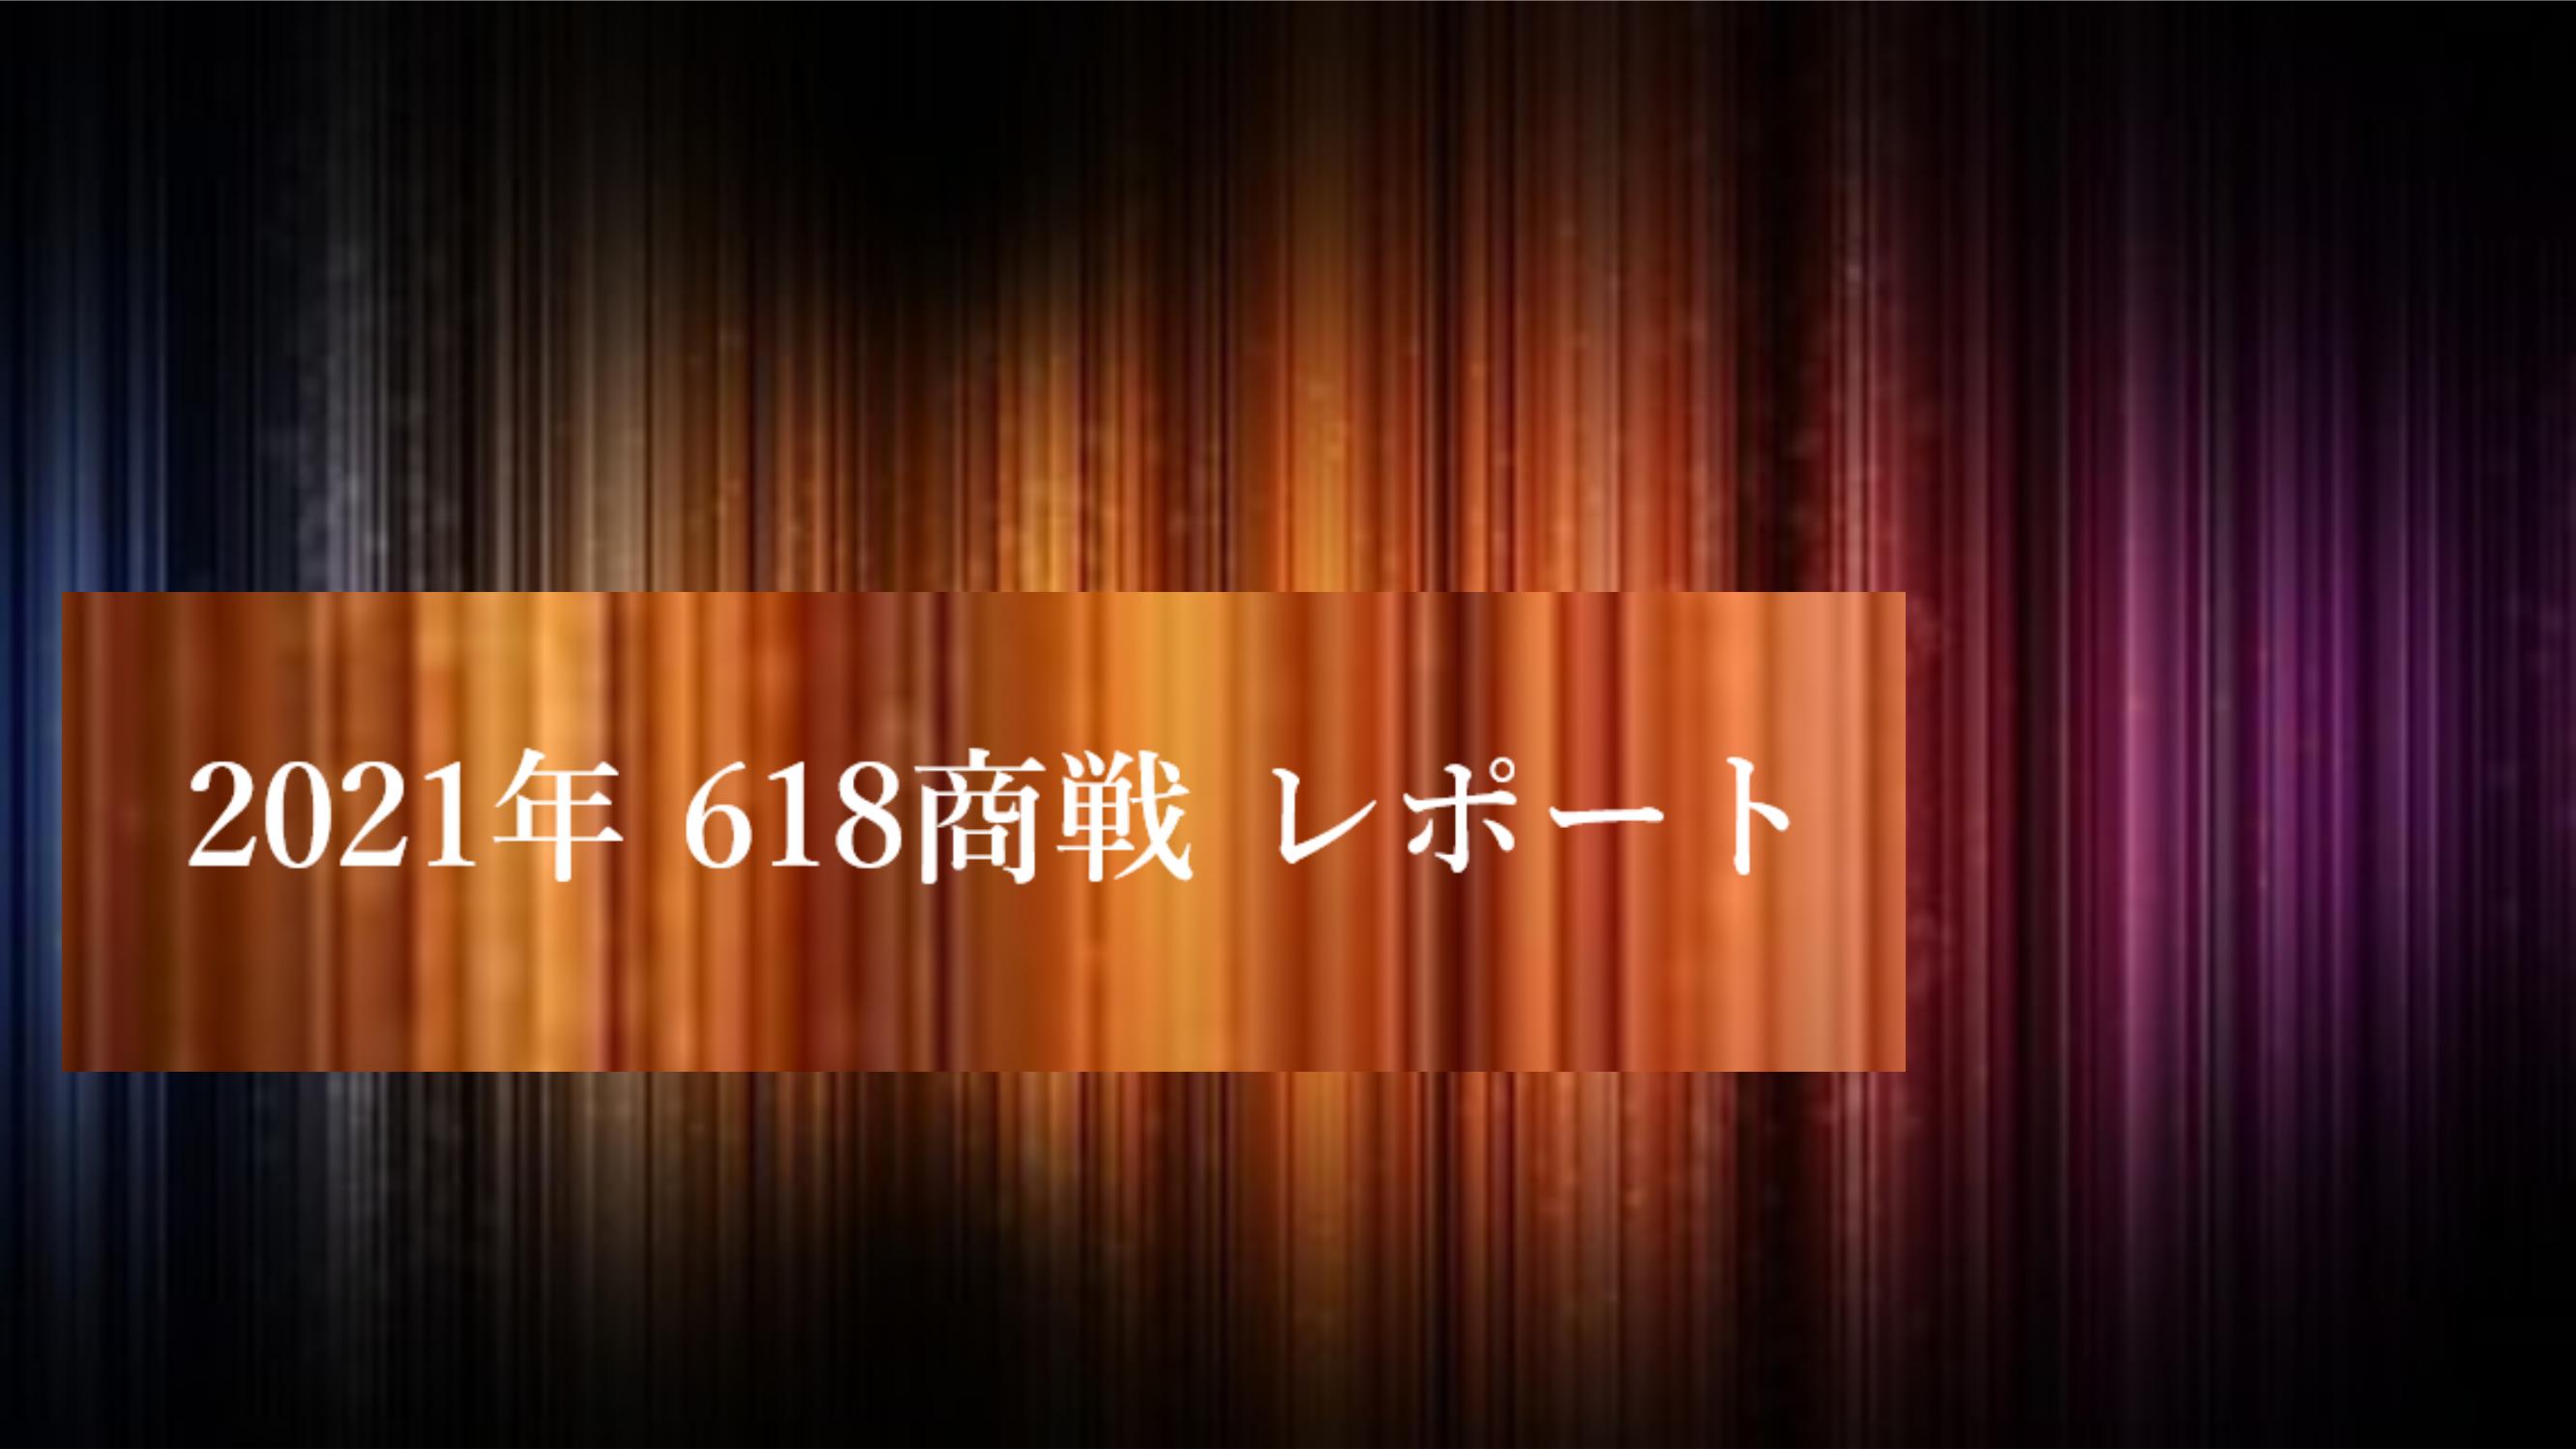 中国最大級のEC商戦「618」での、3つのマーケティング戦略事例